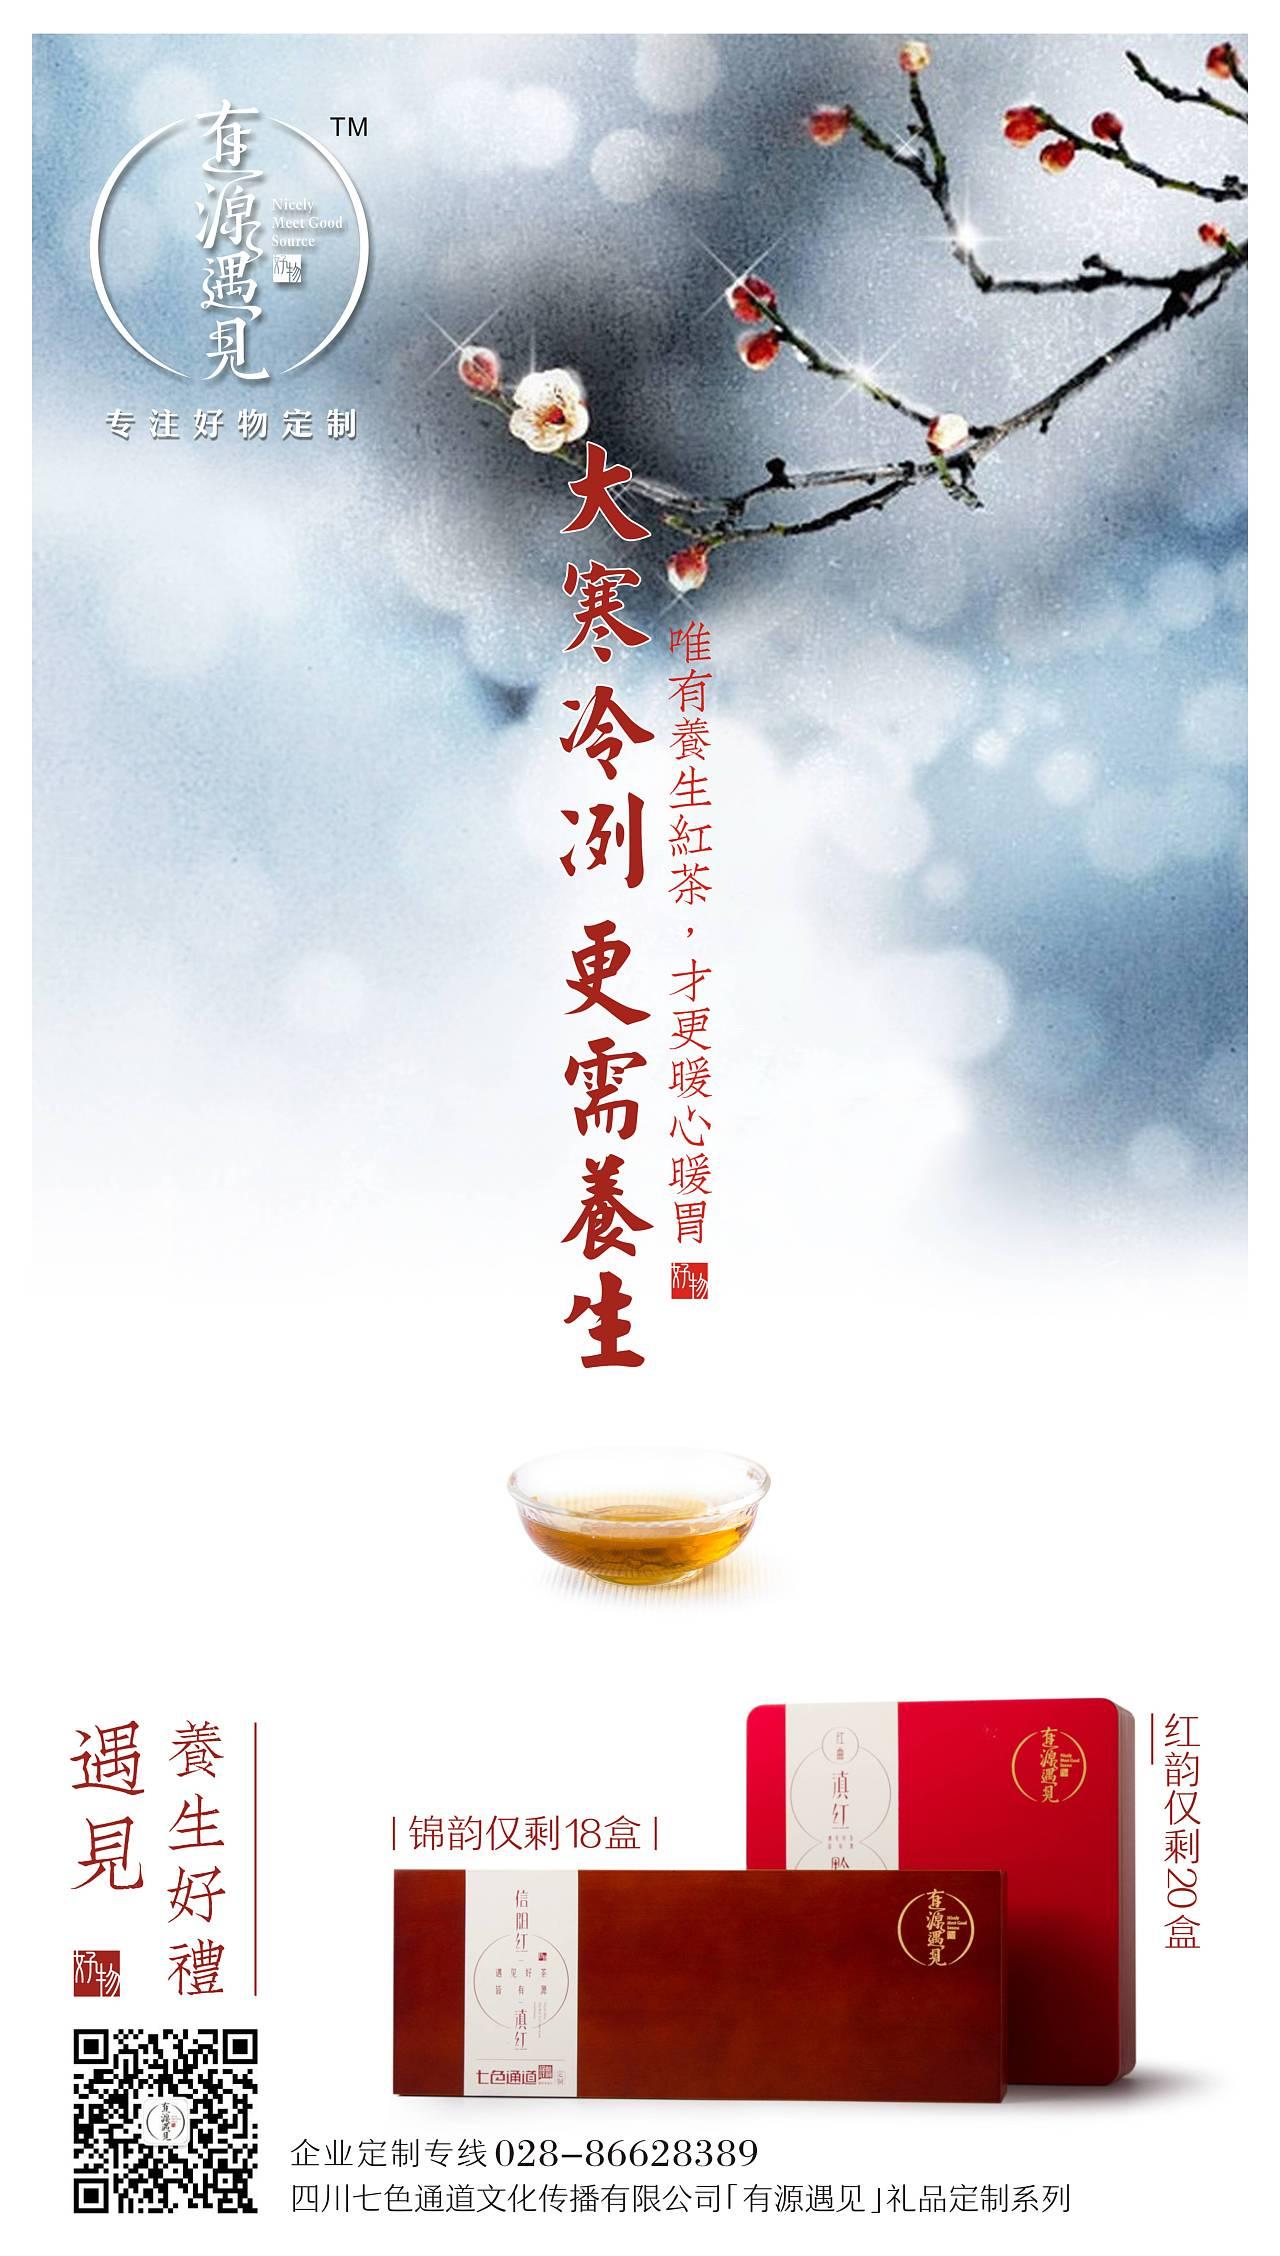 有缘遇见茶叶品牌图片